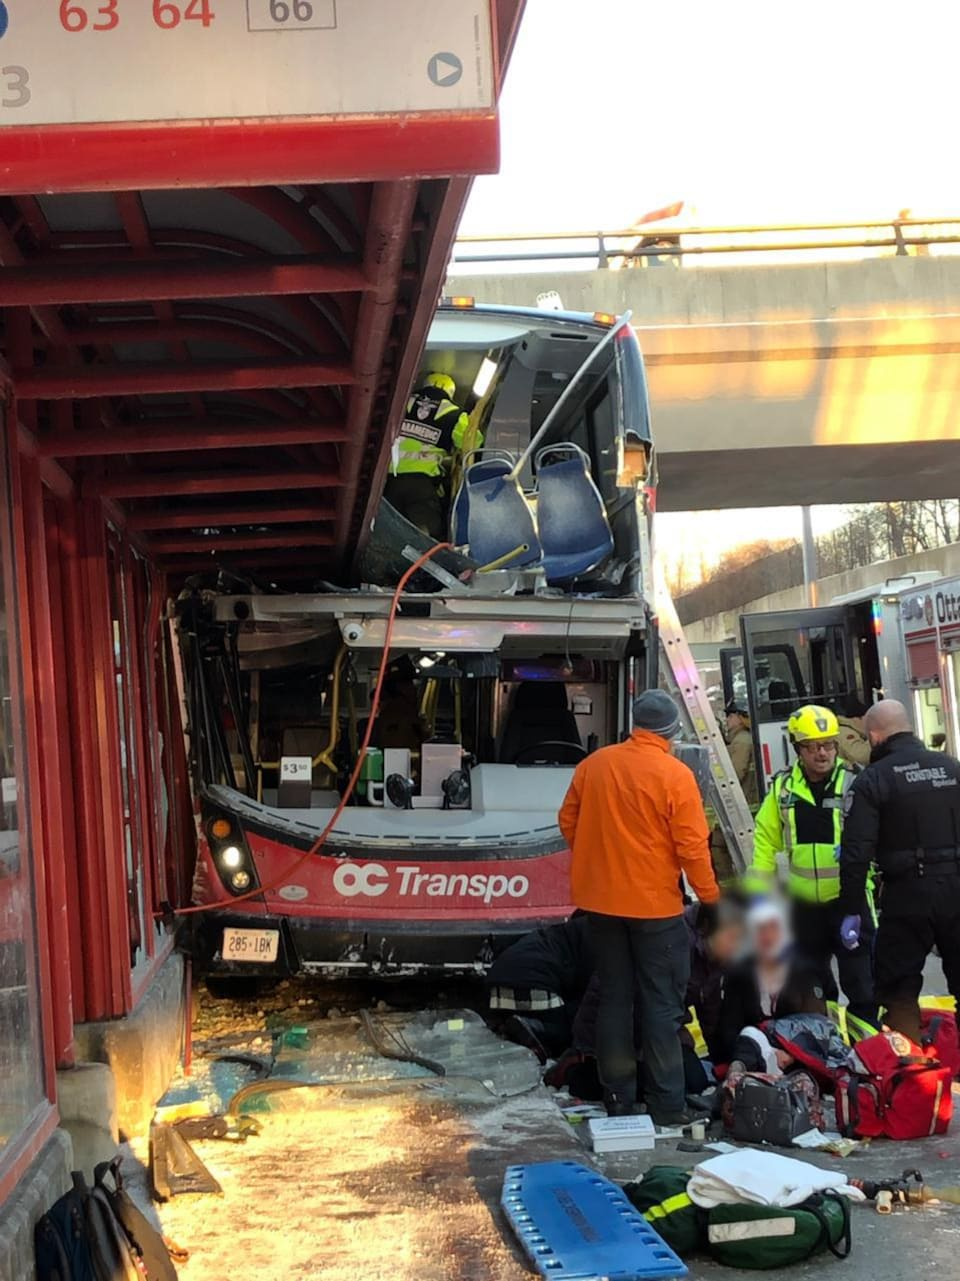 Un autobus accidenté avec des secouristes autour